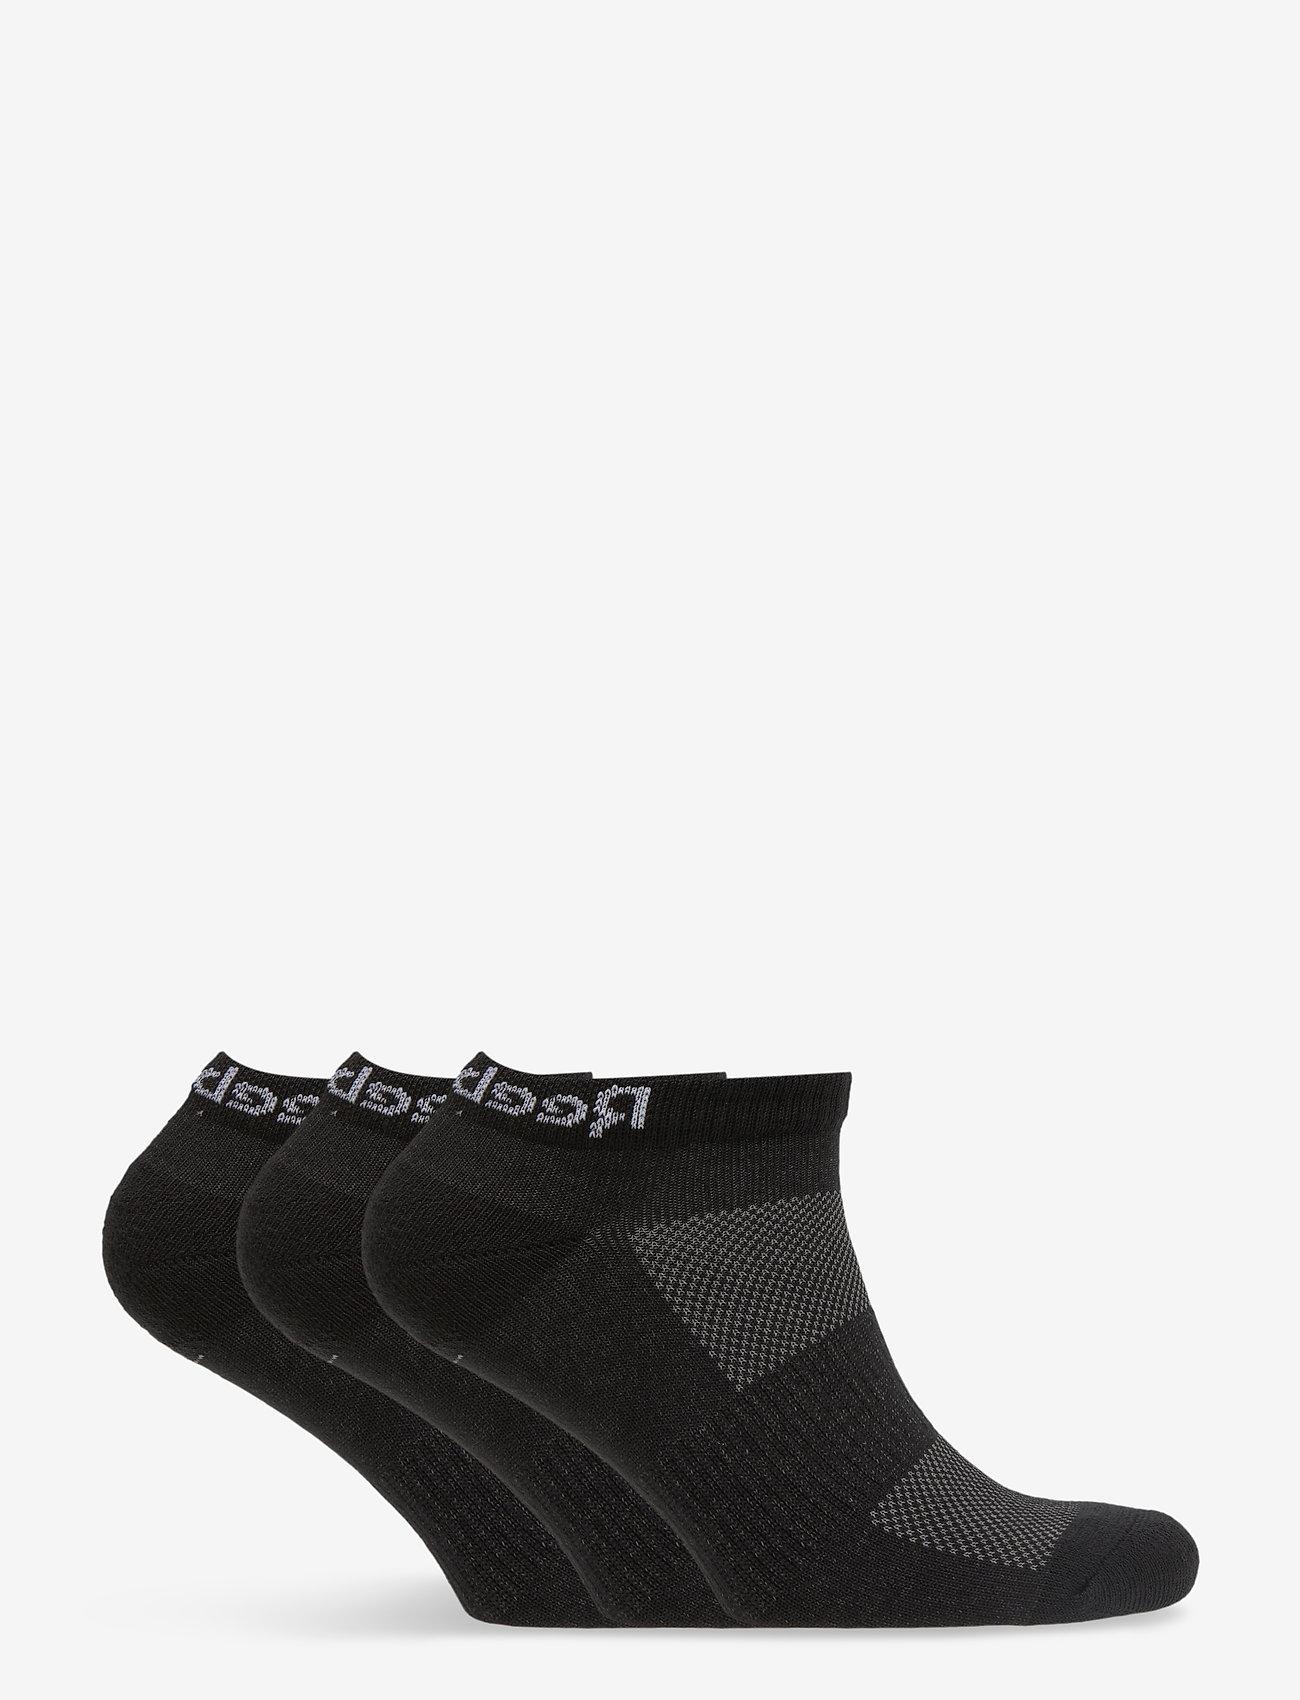 Te Low Cut Sock 3p (Black) (7.95 €) - Reebok Performance xJ85L